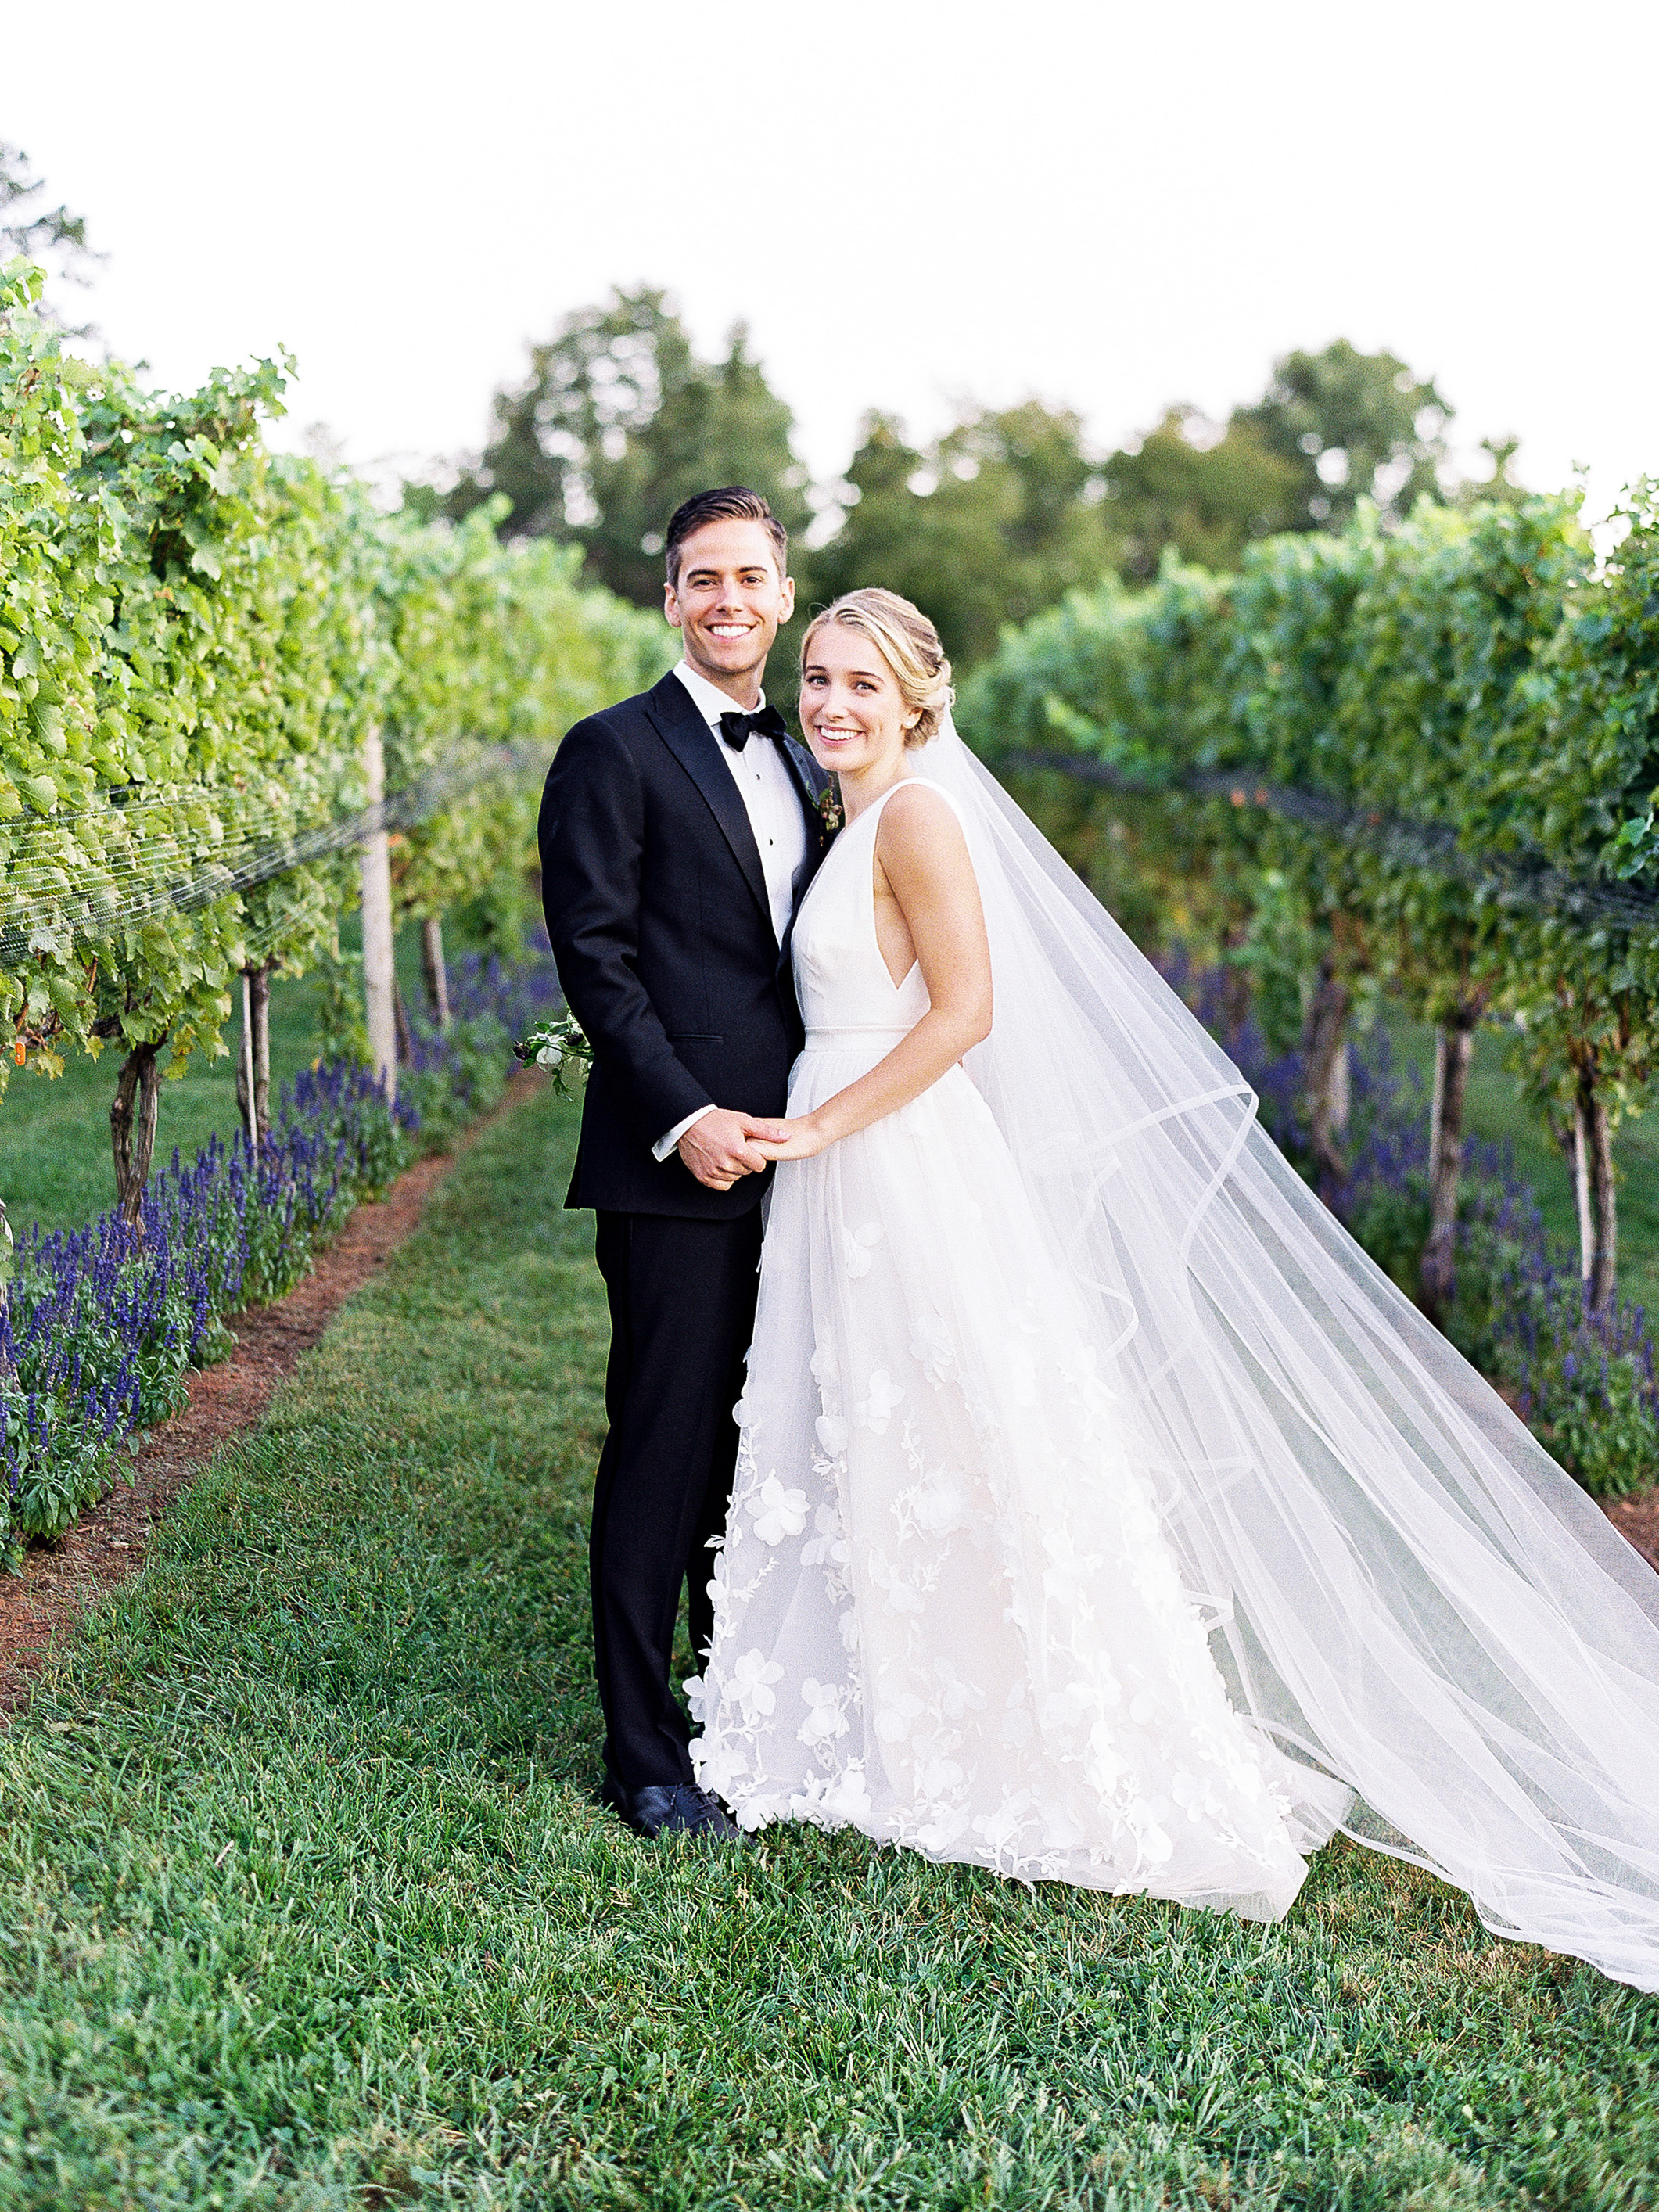 julianne aaron wedding couple vineyard